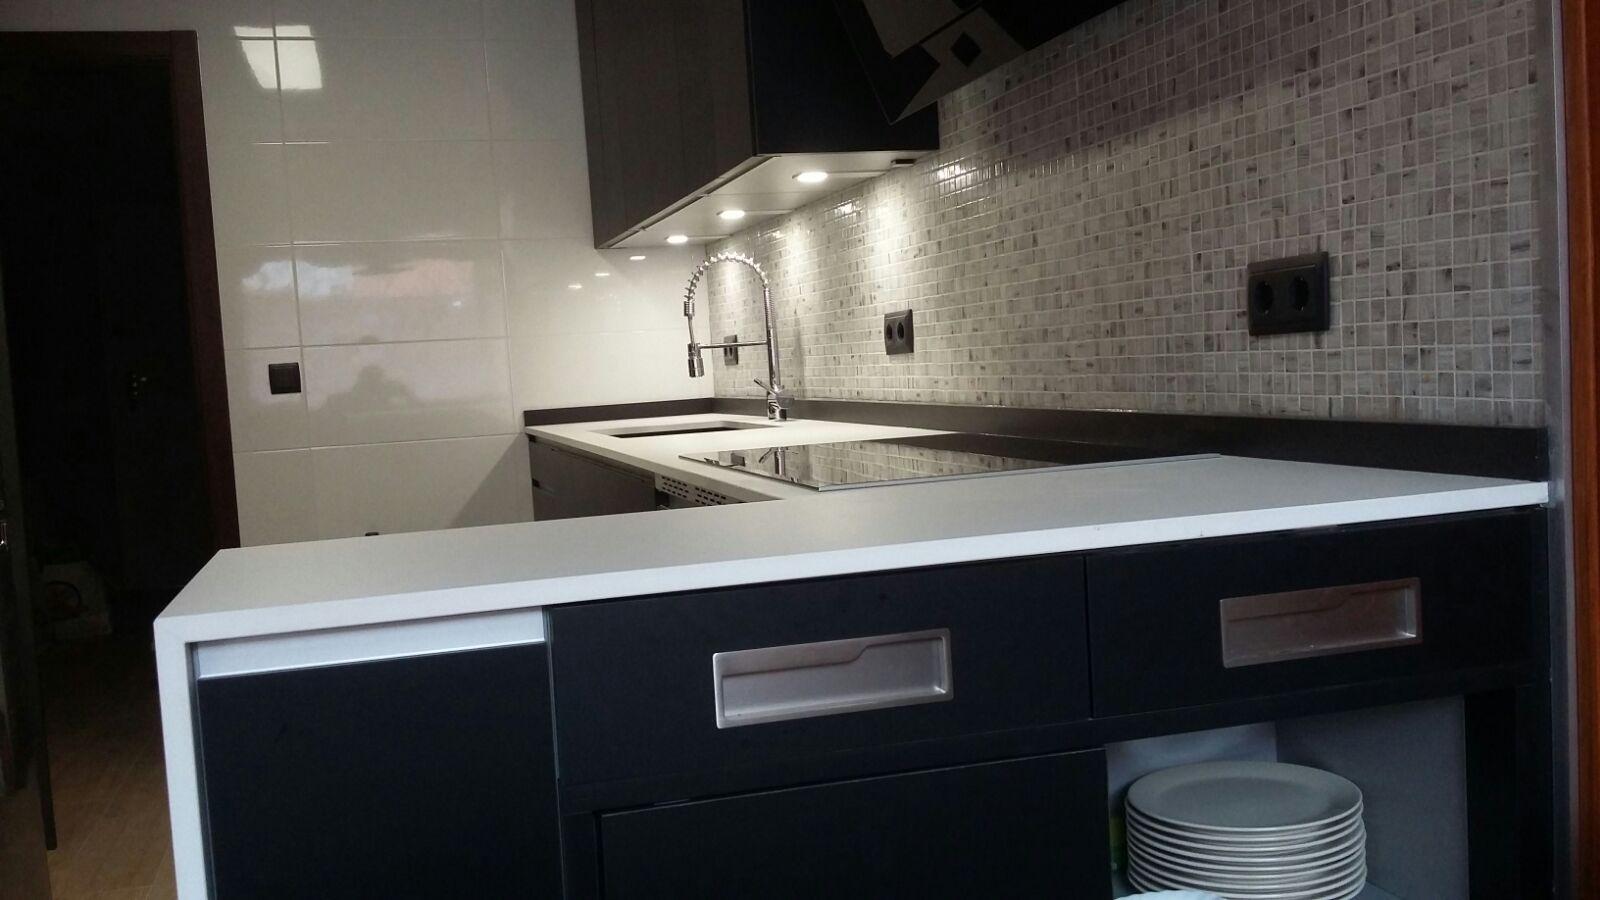 Cocina en negro touch con encimera en porcelánico.